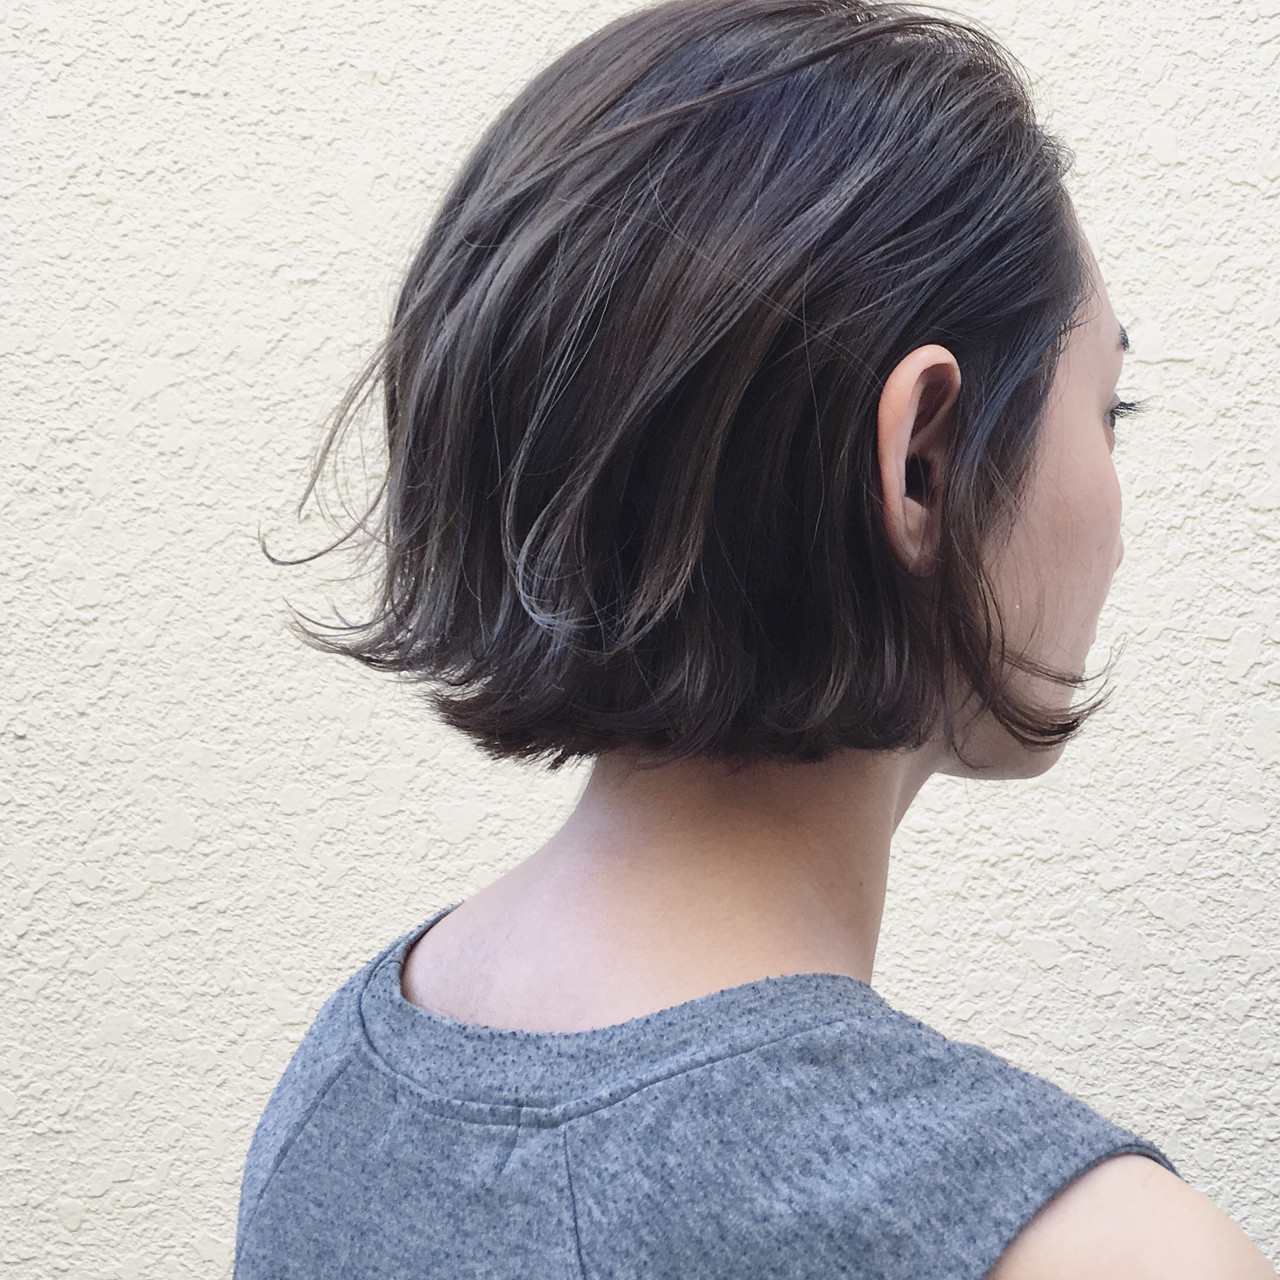 グレージュ ウェットヘア 切りっぱなし ナチュラル ヘアスタイルや髪型の写真・画像 | 篠崎 佑介 / ticro.